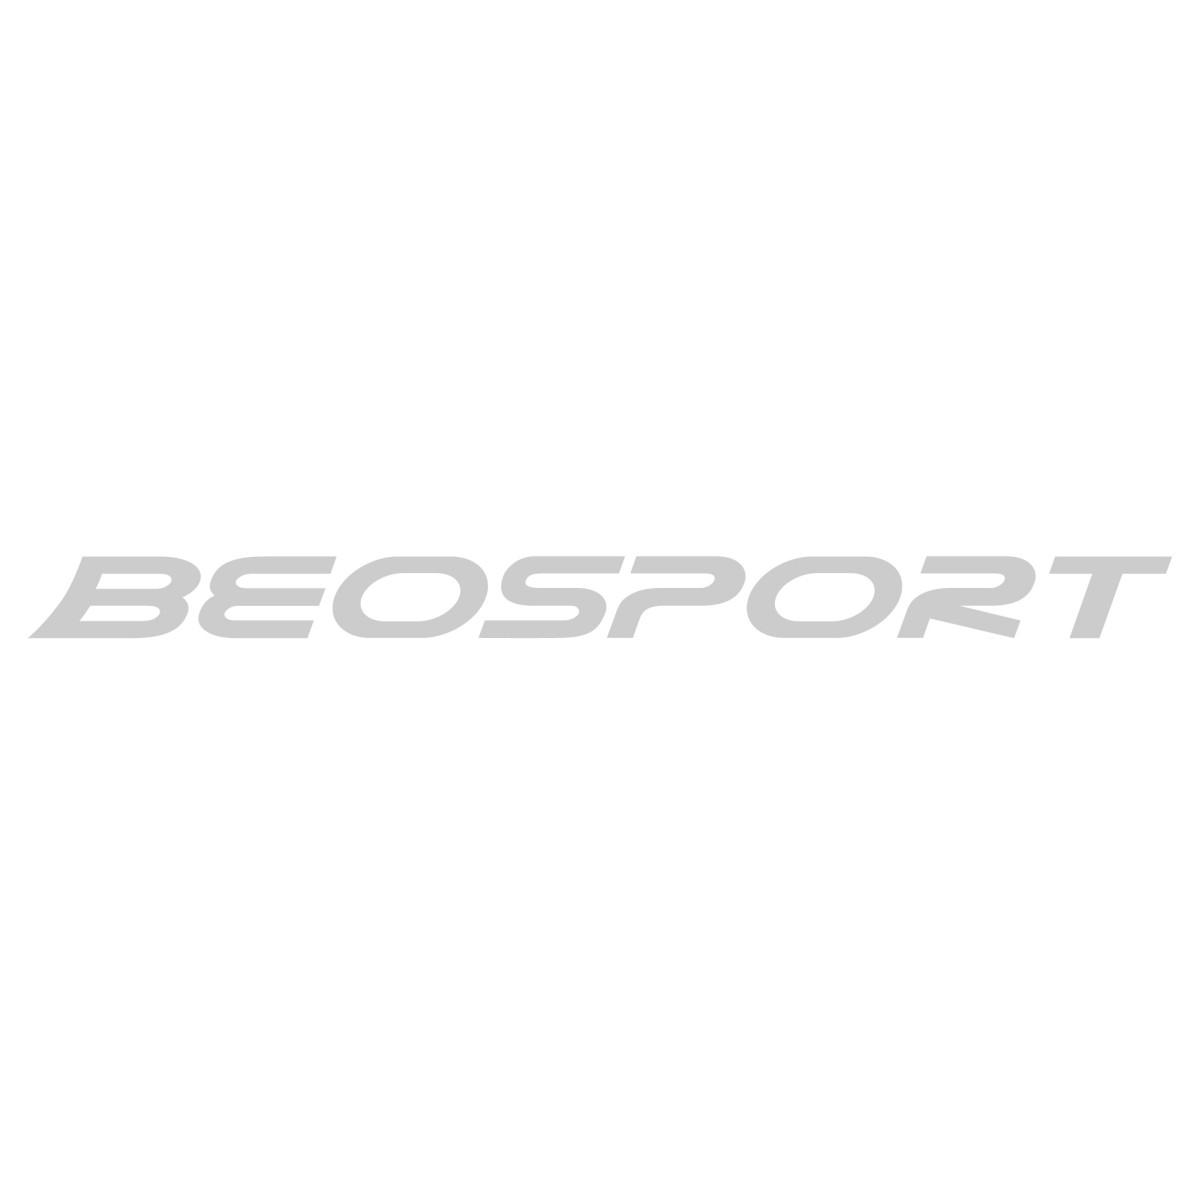 Wilson Sensation Sr 285 Or Size 6 lopta za košarku